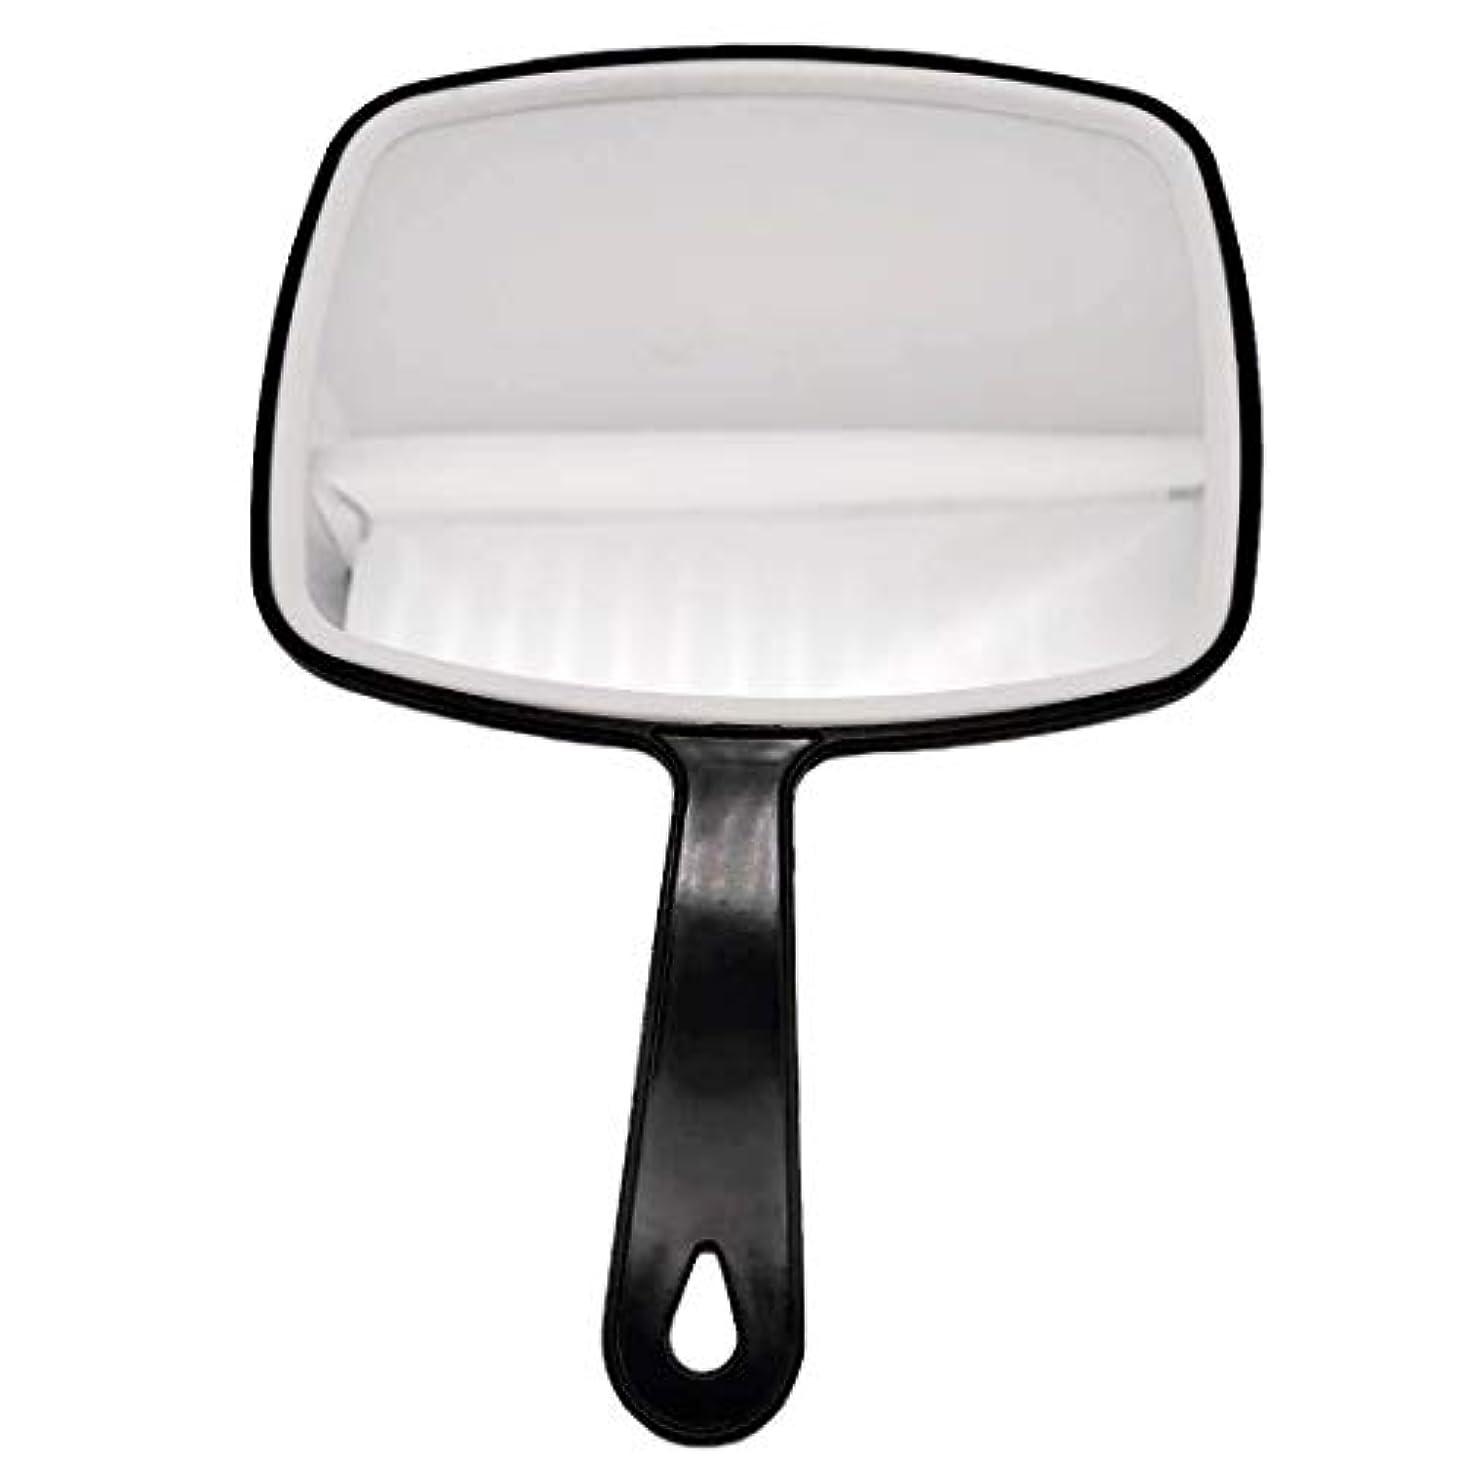 新しい意味カナダ遮る理髪ハンドミラー、ABSフレームメイクアップミラー、バスルームとベッドルーム用ミラー、床屋ヘアカットミラー (黒-1個)